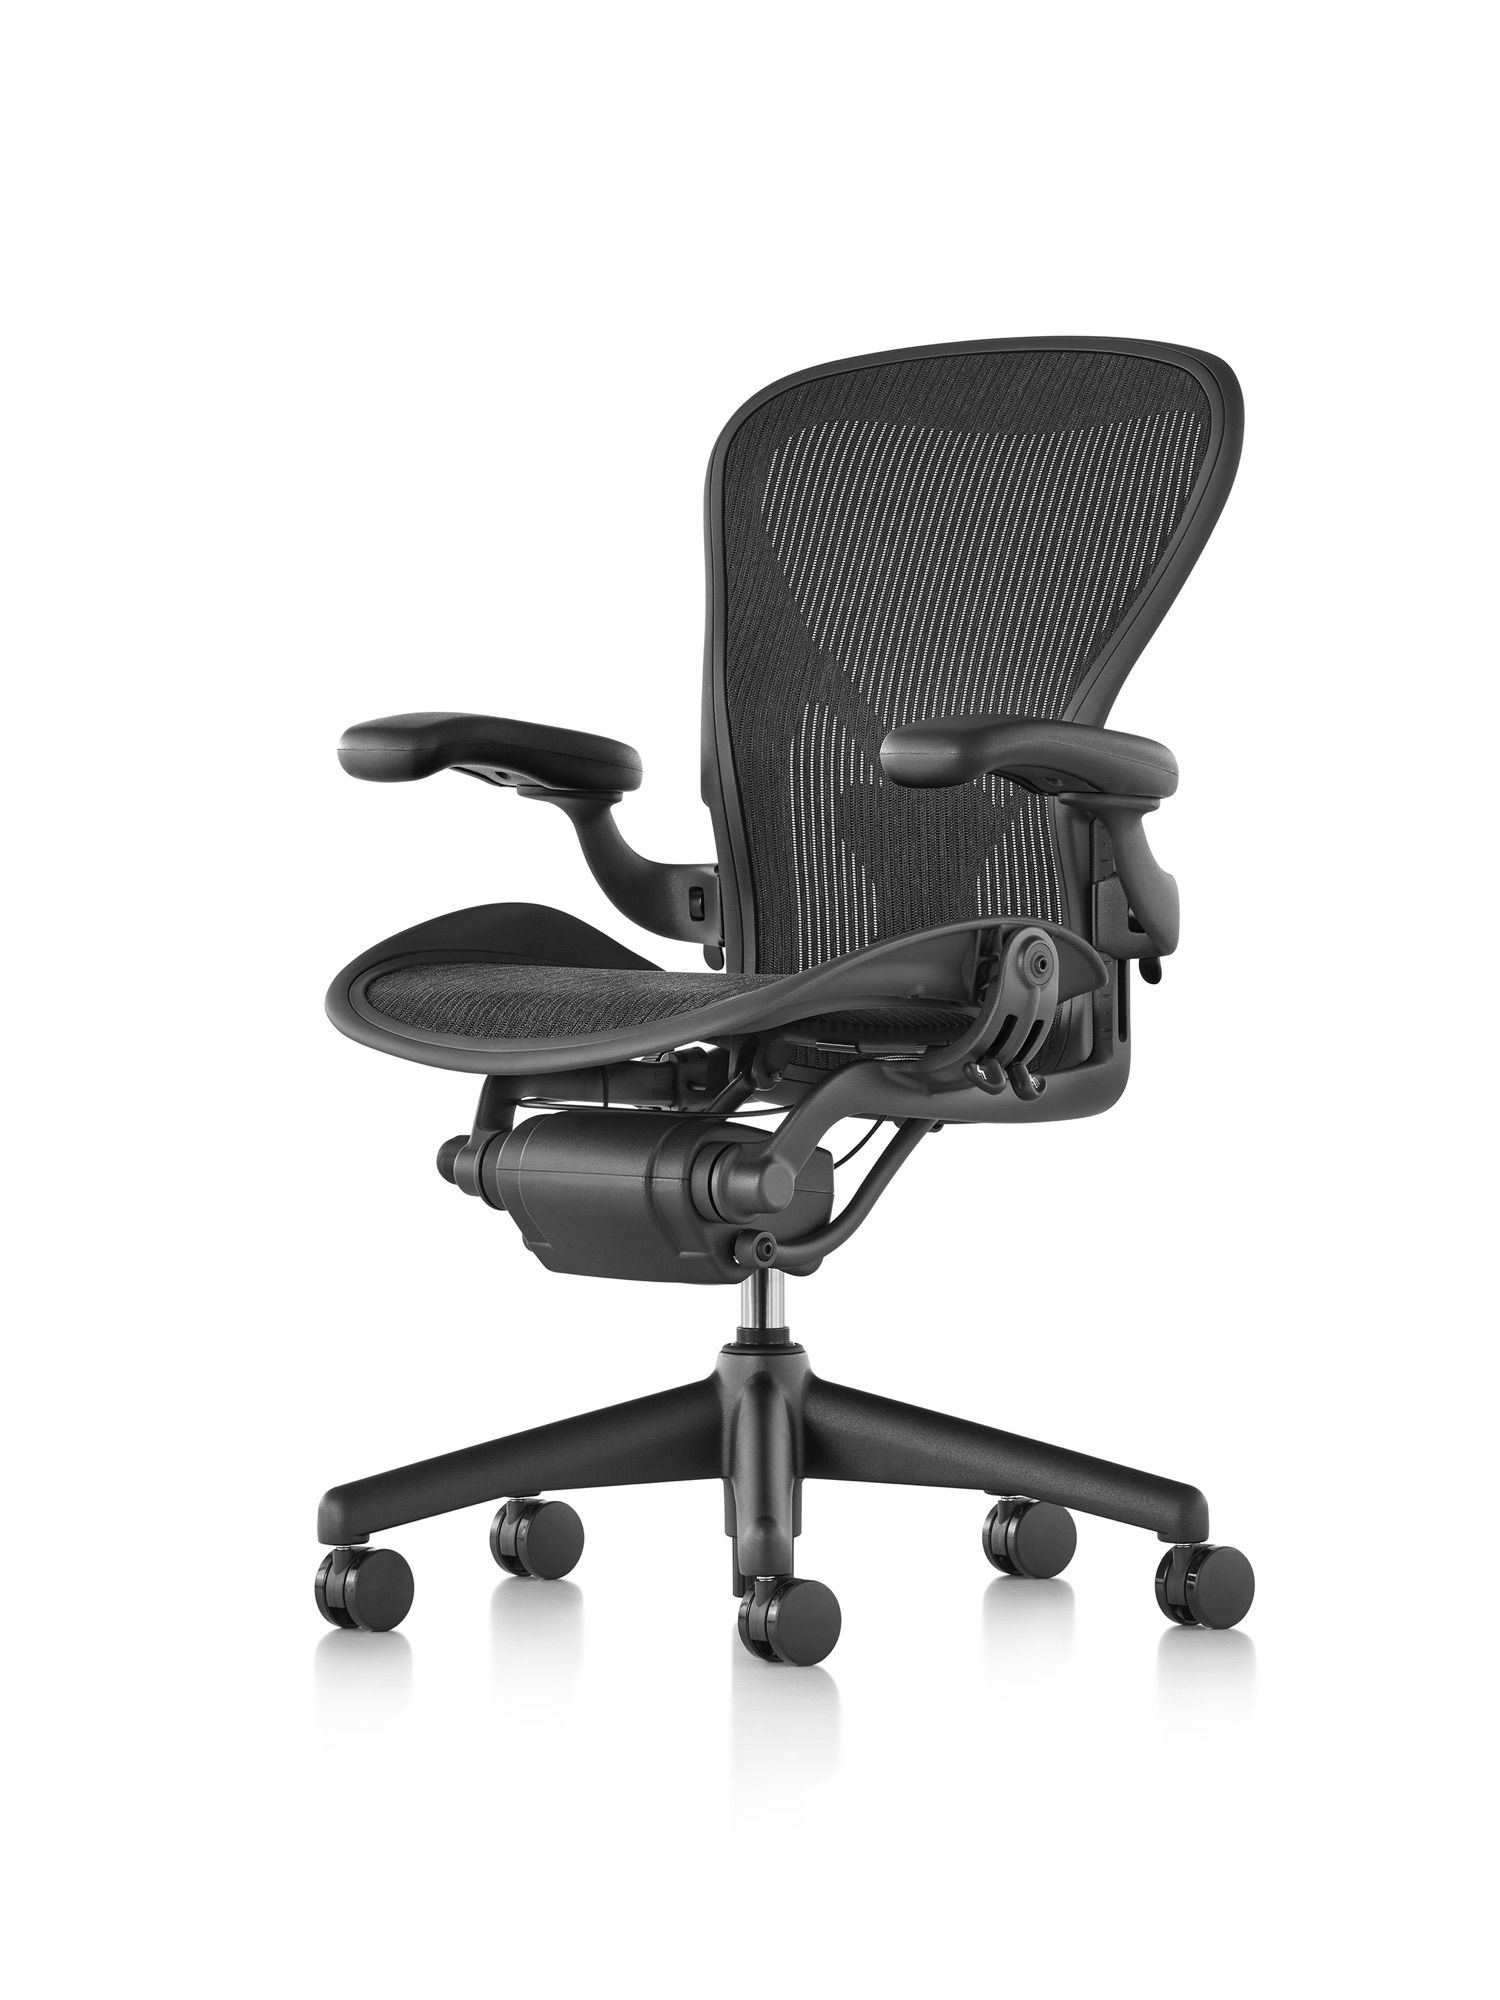 Aeron Chair Chair, Best office chair, Best ergonomic chair